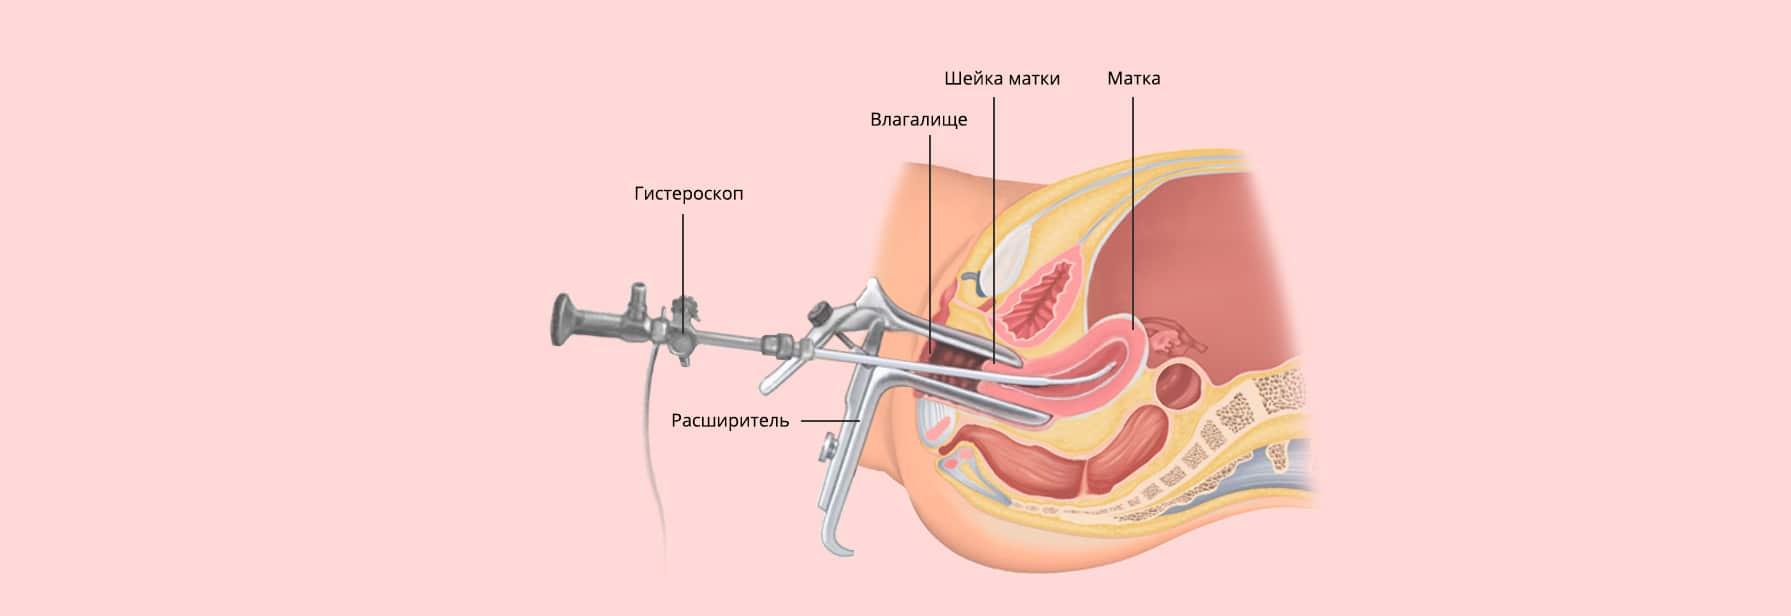 схема гистероскопии матки